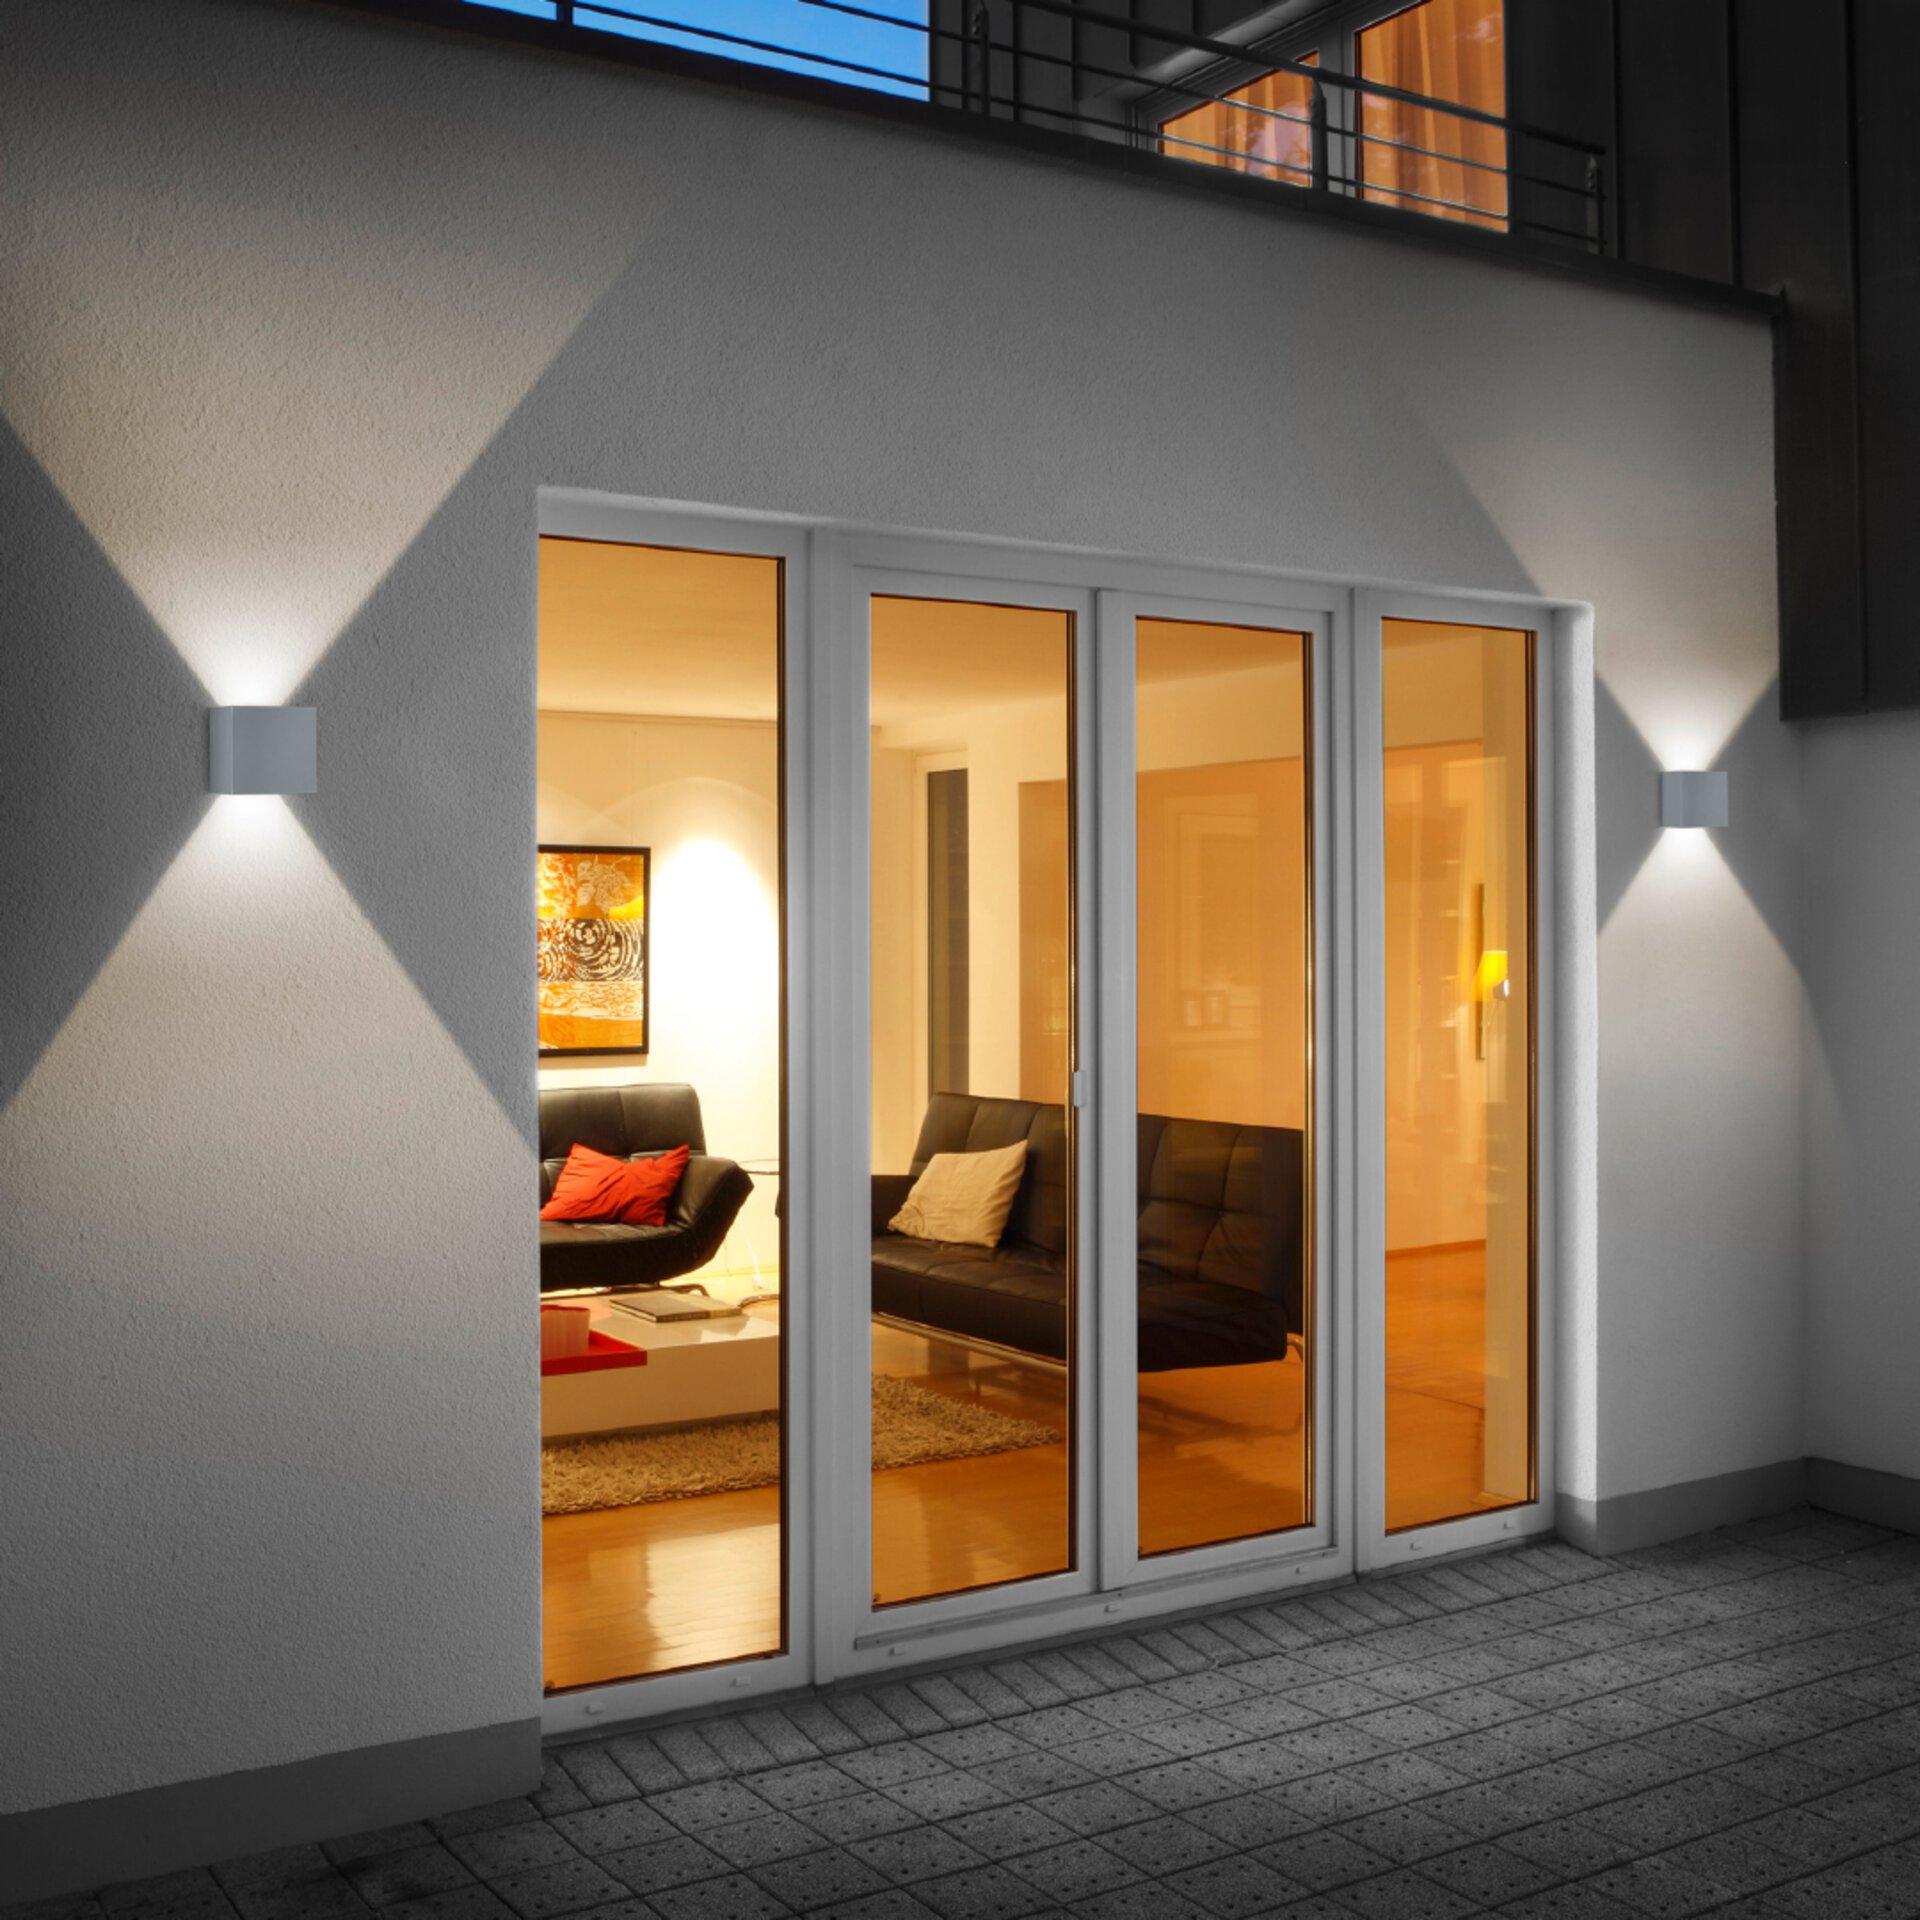 LED-Aussenwandleuchte in weiß von Helestra